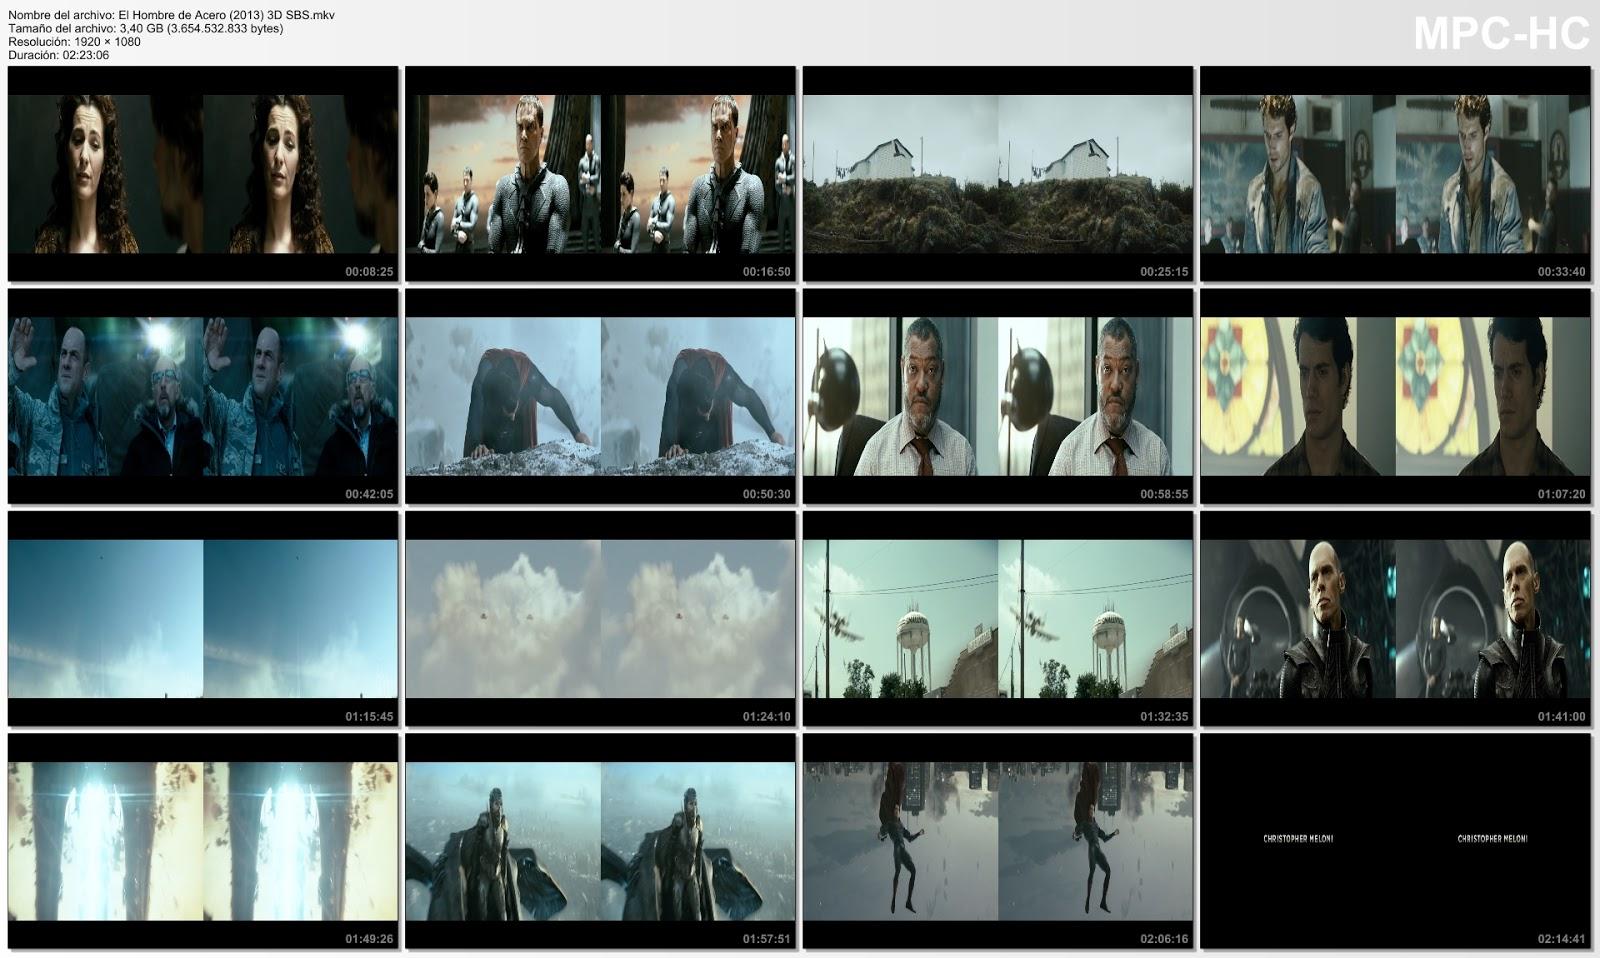 El Hombre de Acero 2013 HD 1080p 3D Español Latino cap 1